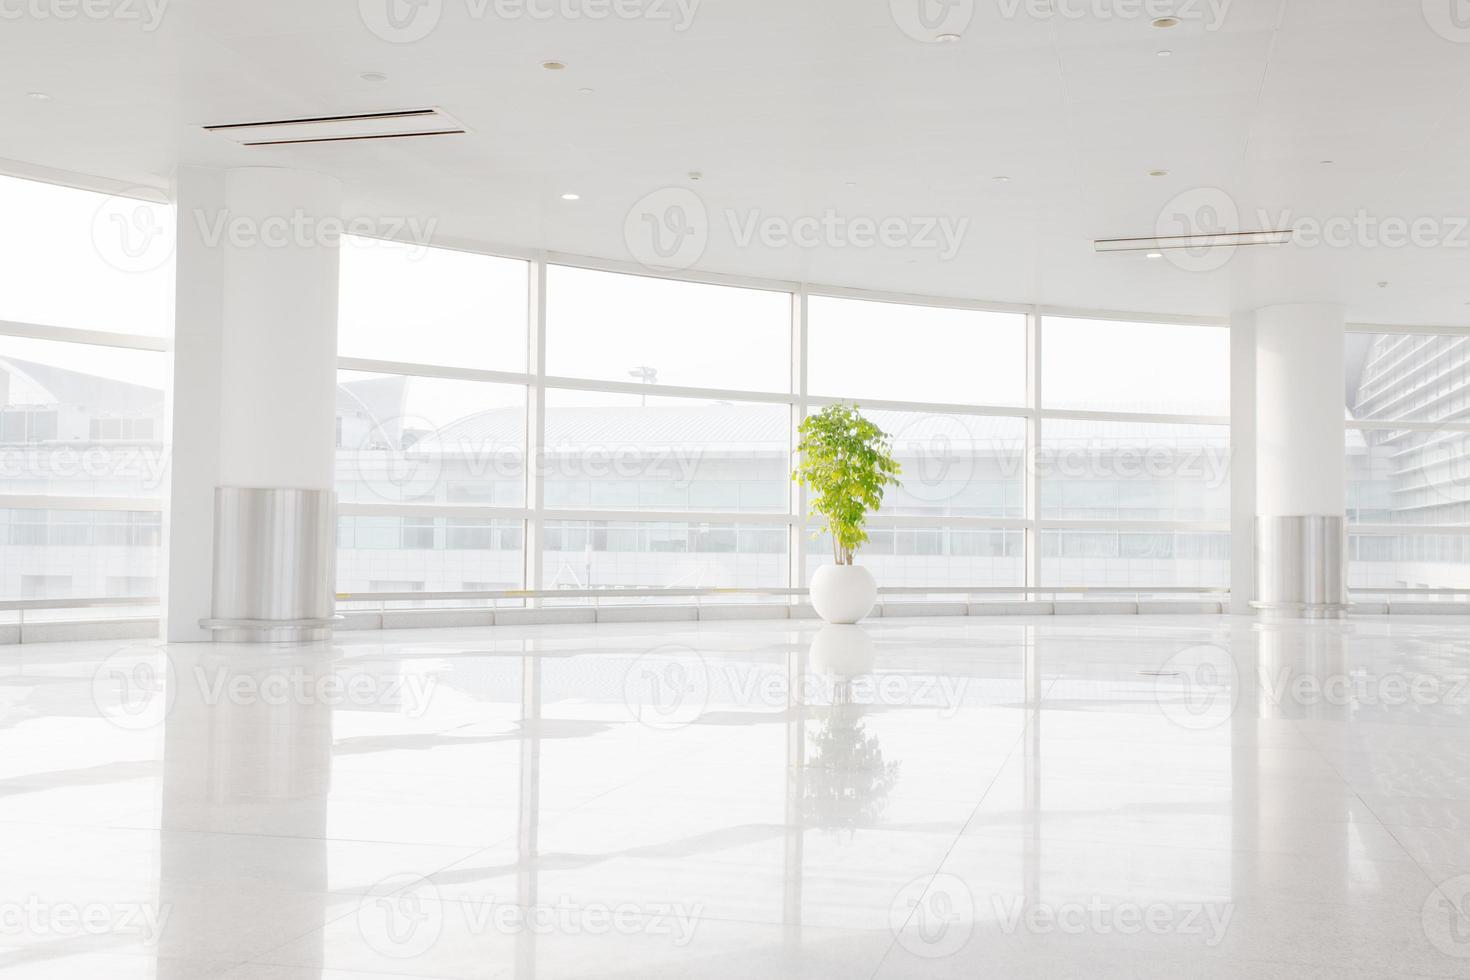 grande fenêtre sur bureau blanc photo